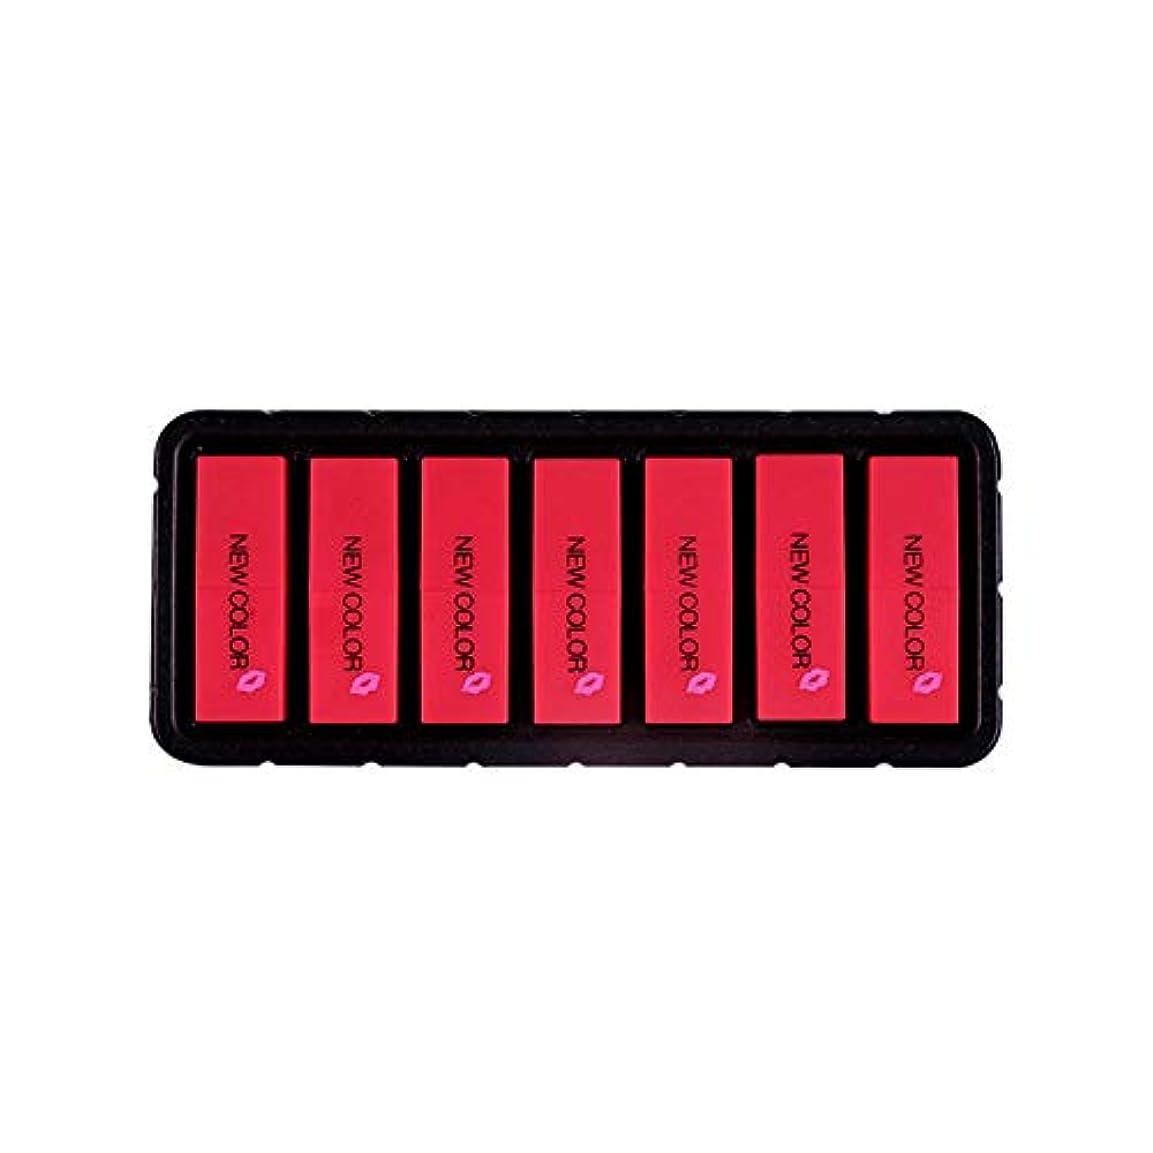 気付くどきどきモードリンEldori 2019 新作 リップスティック セット 7色 口紅 長続き防水リップ 化粧品 マット リップスティック セット 5本/セットコスプレ、ハロウィーン、クリスマスなどに兼用 カボチャの色 (O)